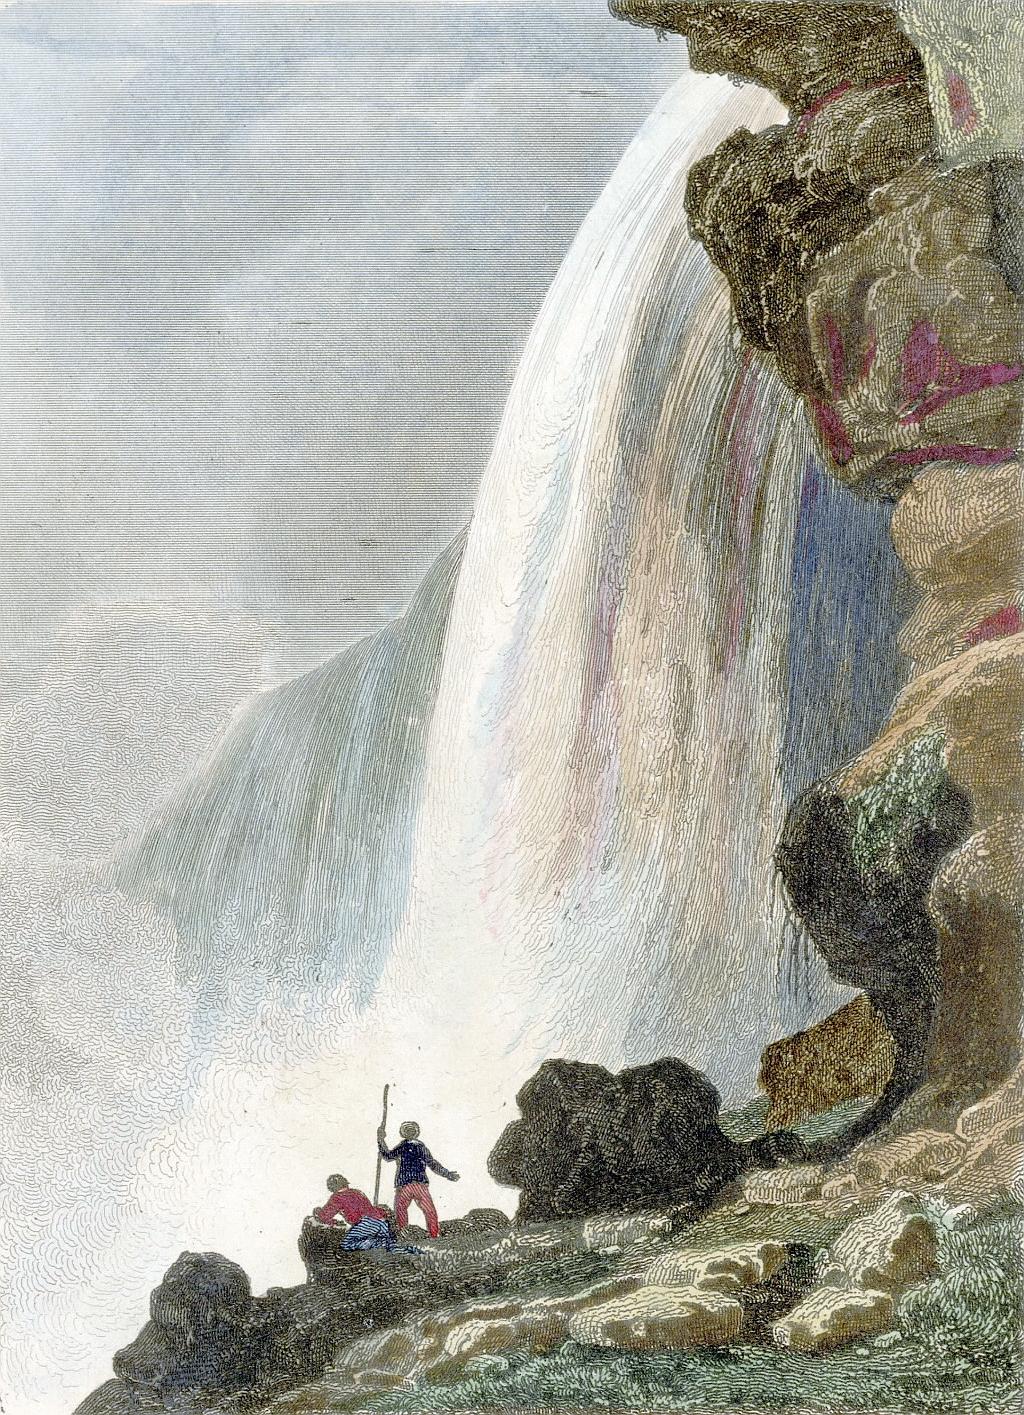 Voute sous la Chute du Niagara - Niagara Falls, circa 1841